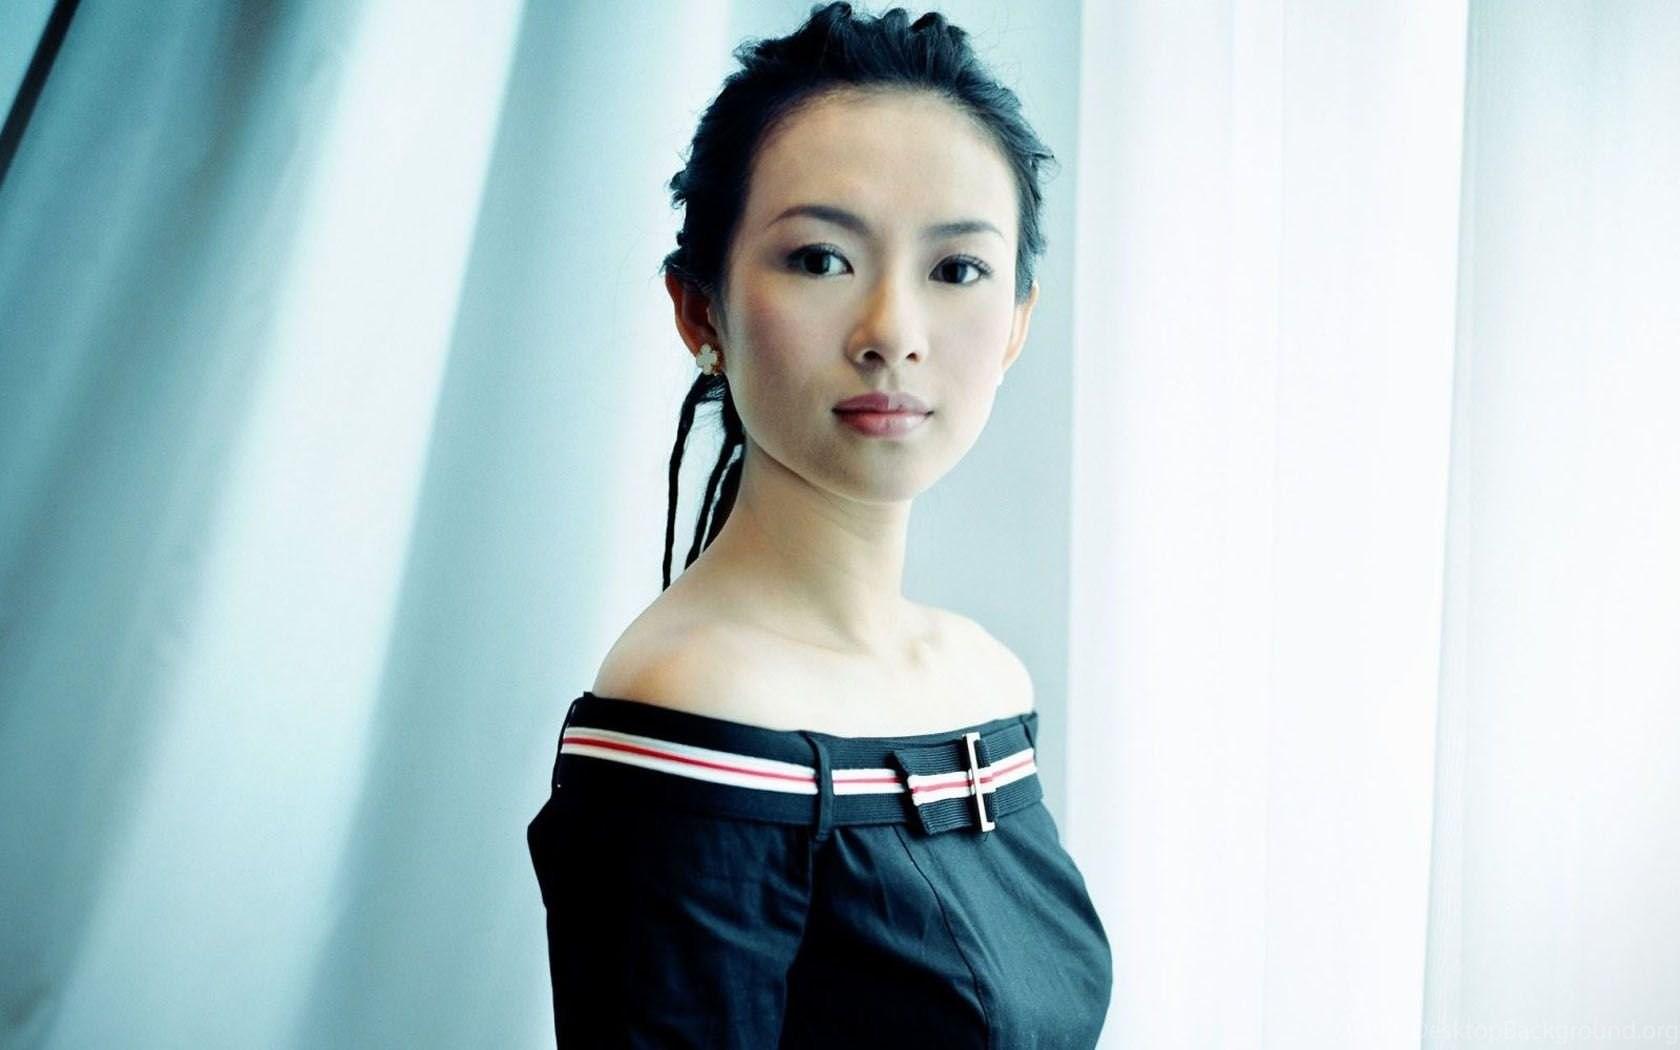 Zhang Ziyi Memoirs Of A Geisha Wallpaper Desktop Background